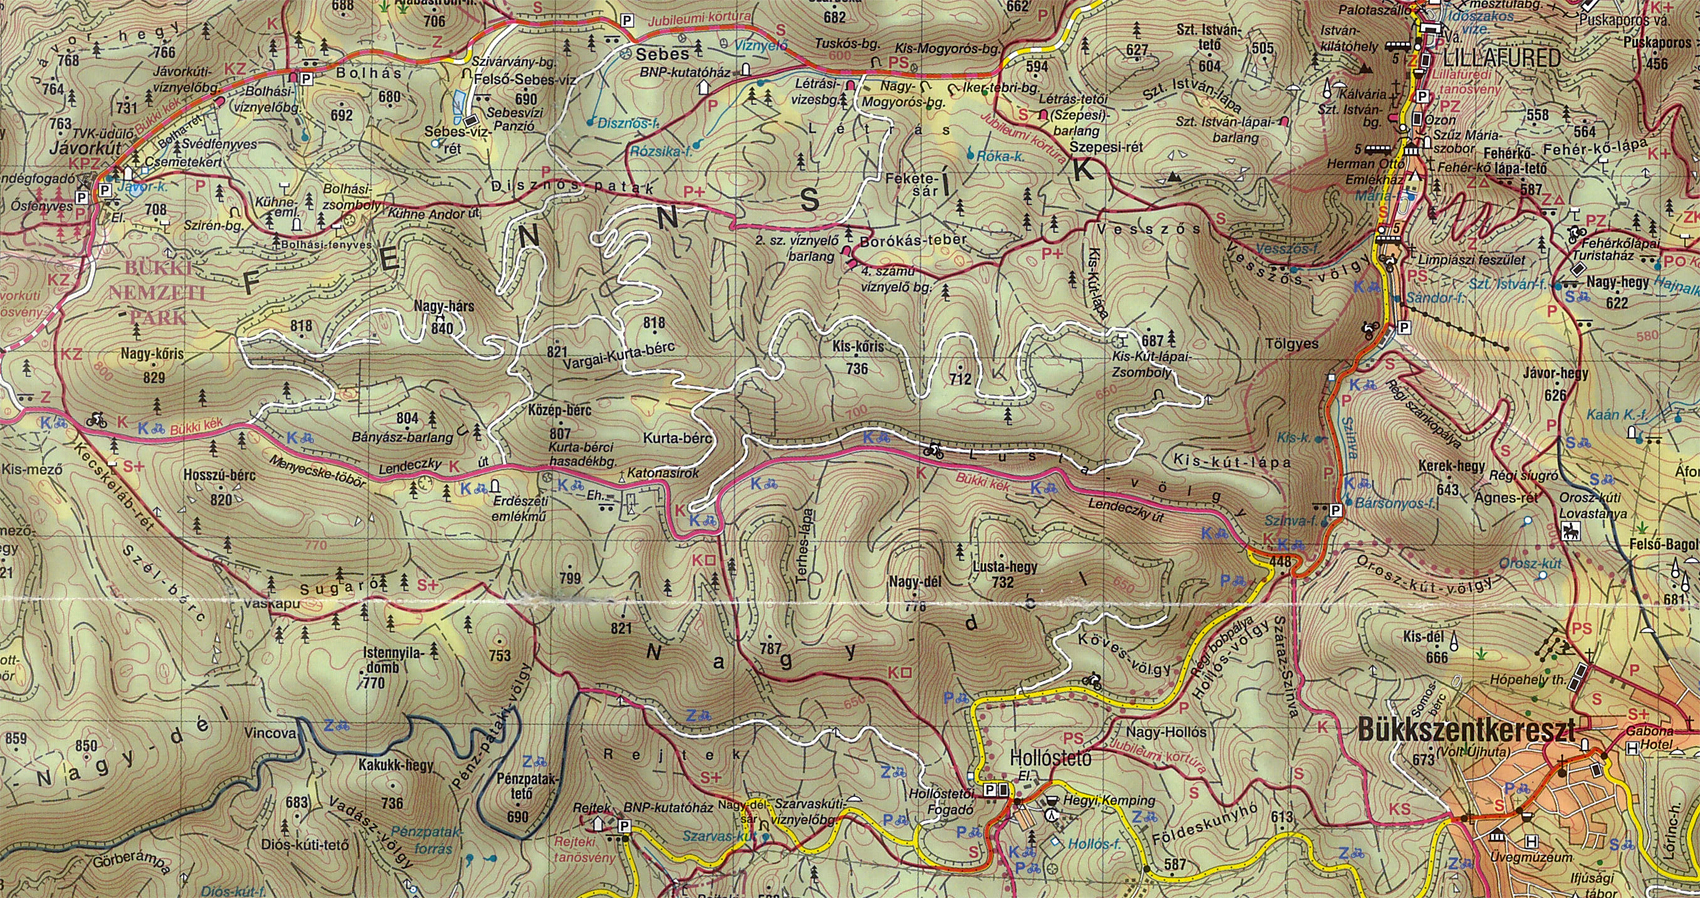 bükk térkép Térképek aktív túrázóknak | Kormos Vendégház és Apartmanok bükk térkép